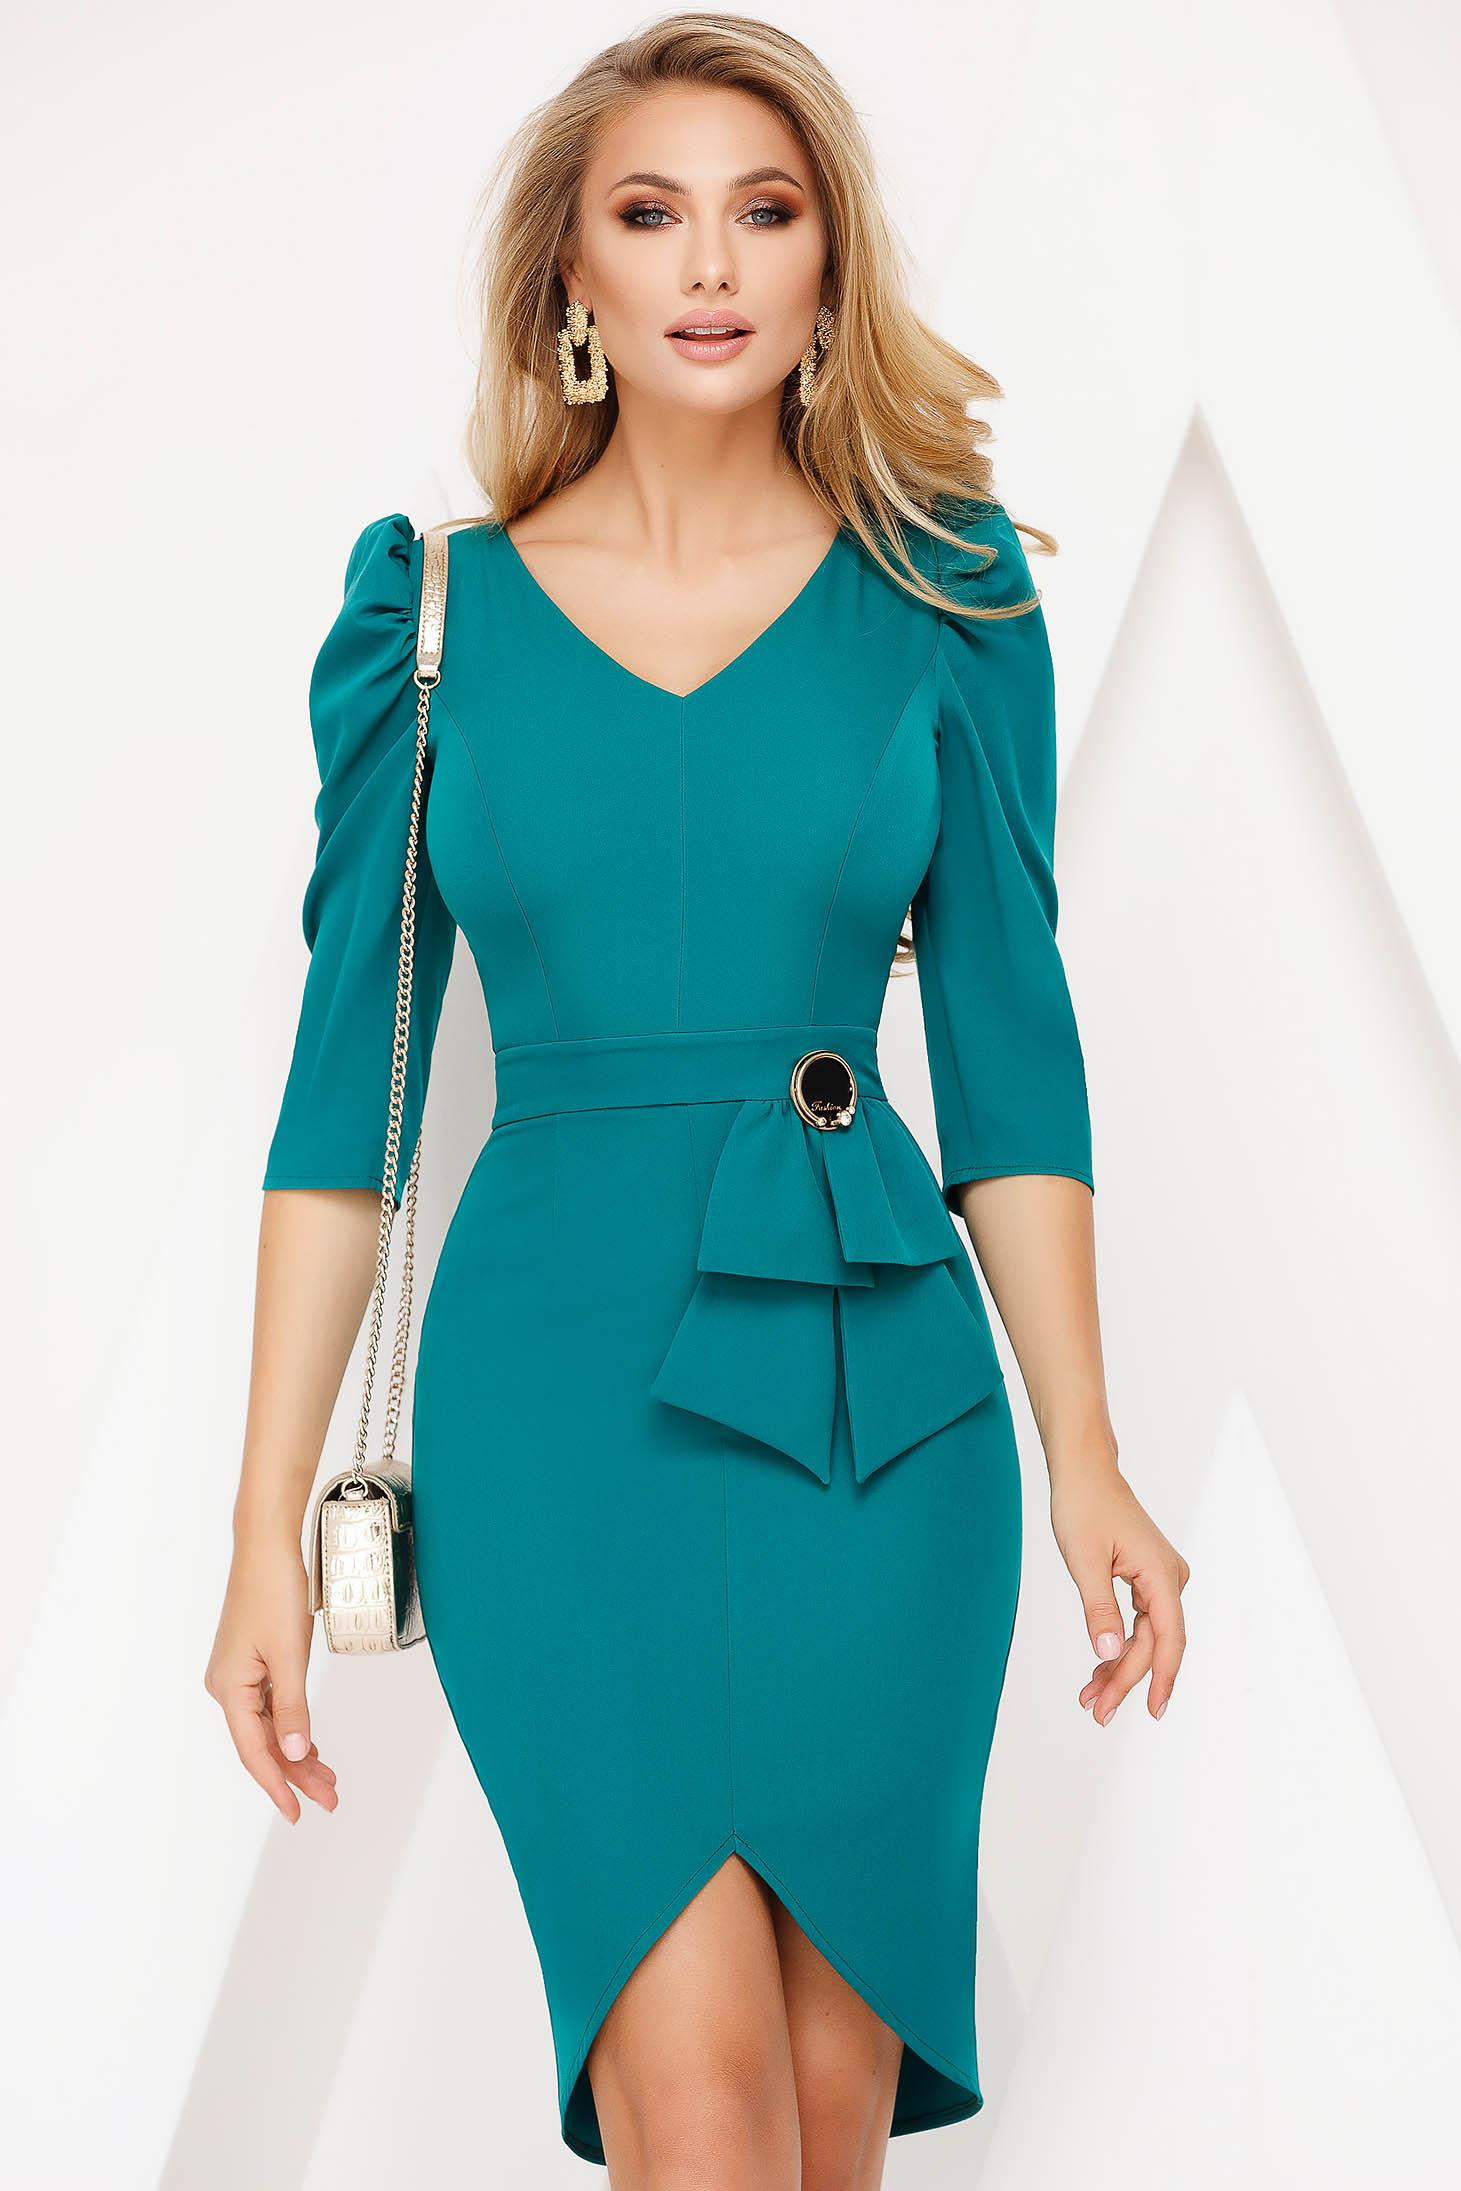 Turquoise dress elegant pencil 3/4 sleeve with v-neckline frontal slit